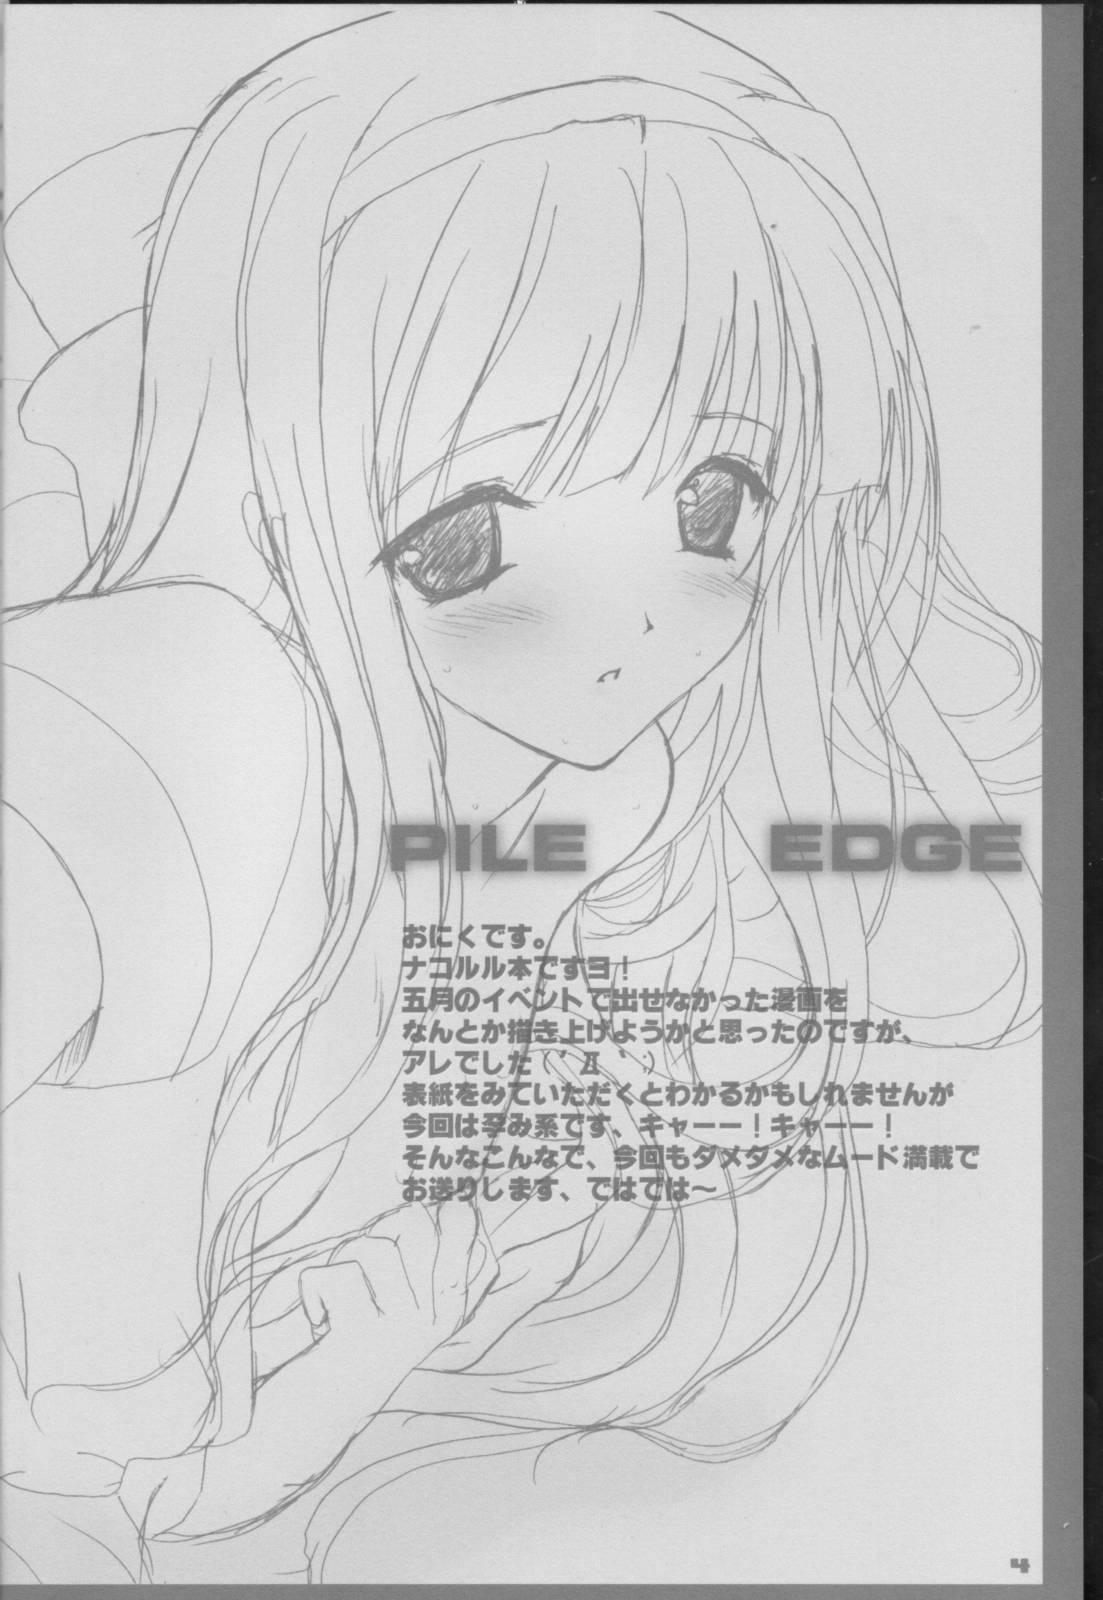 PILE EDGE 1